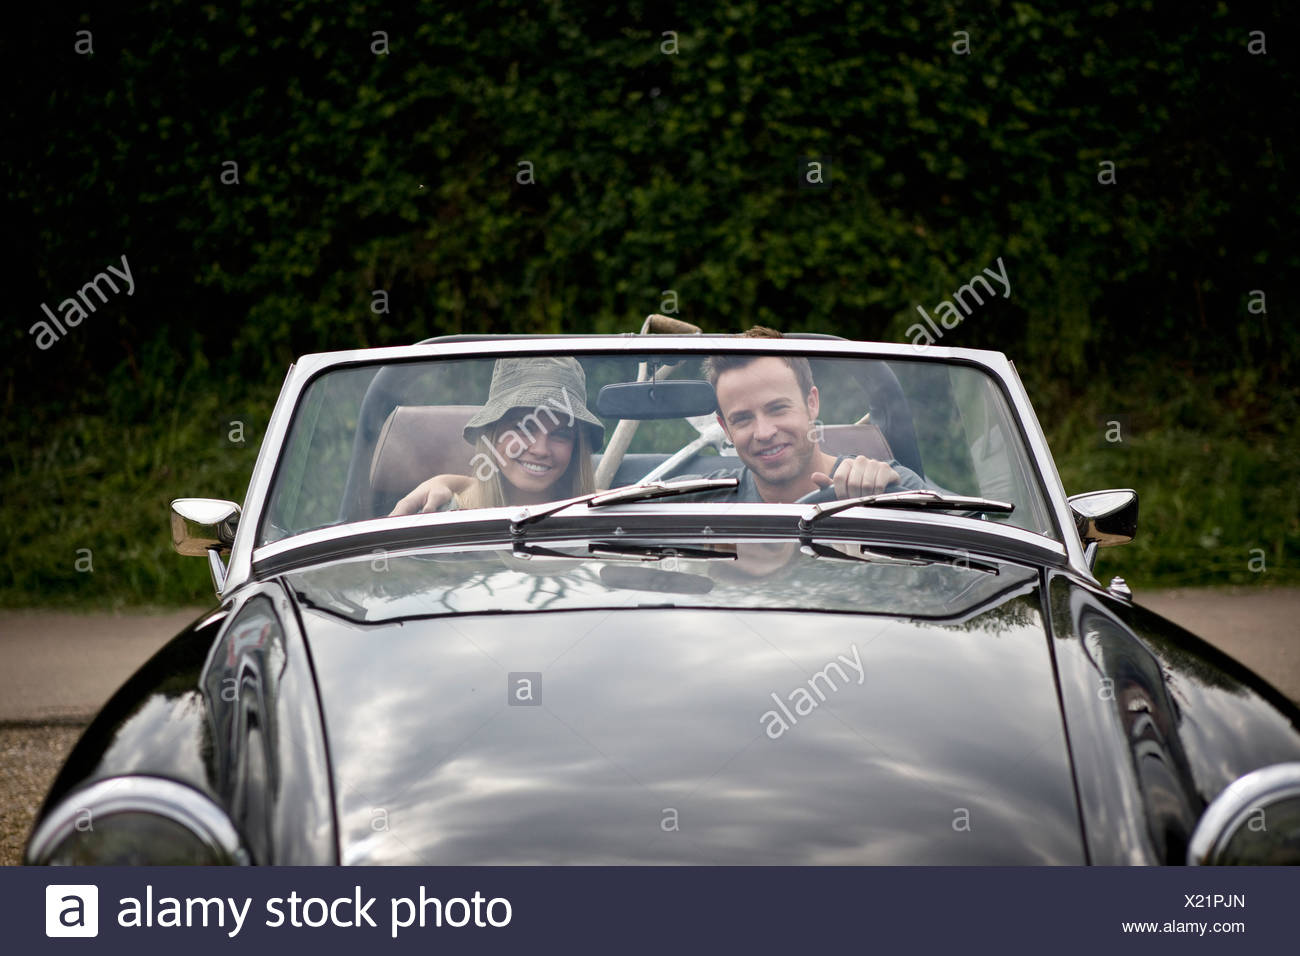 Ein junges Paar fährt einen schwarzen Sportwagen mit Gartengeräten in den Rücken Stockbild